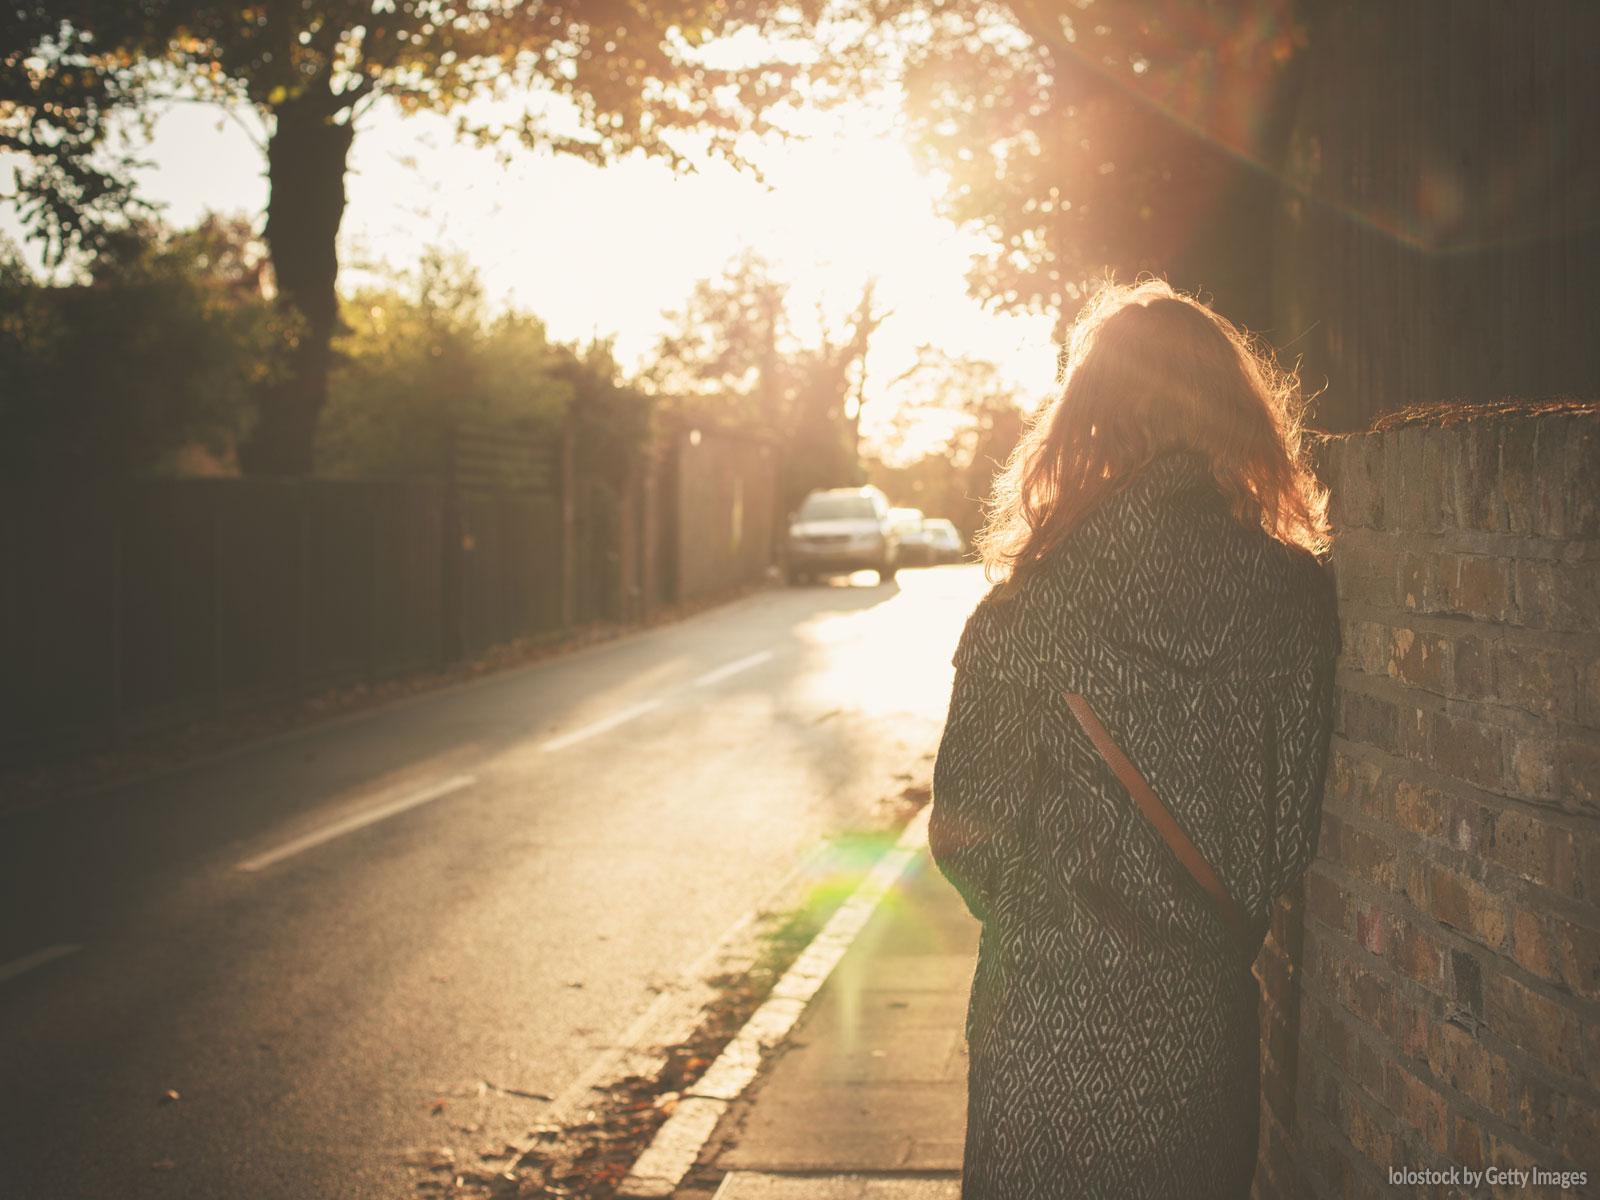 Diante-do-silêncio-e-da-solidão-encontrei-um-anjo-para-me-guiar